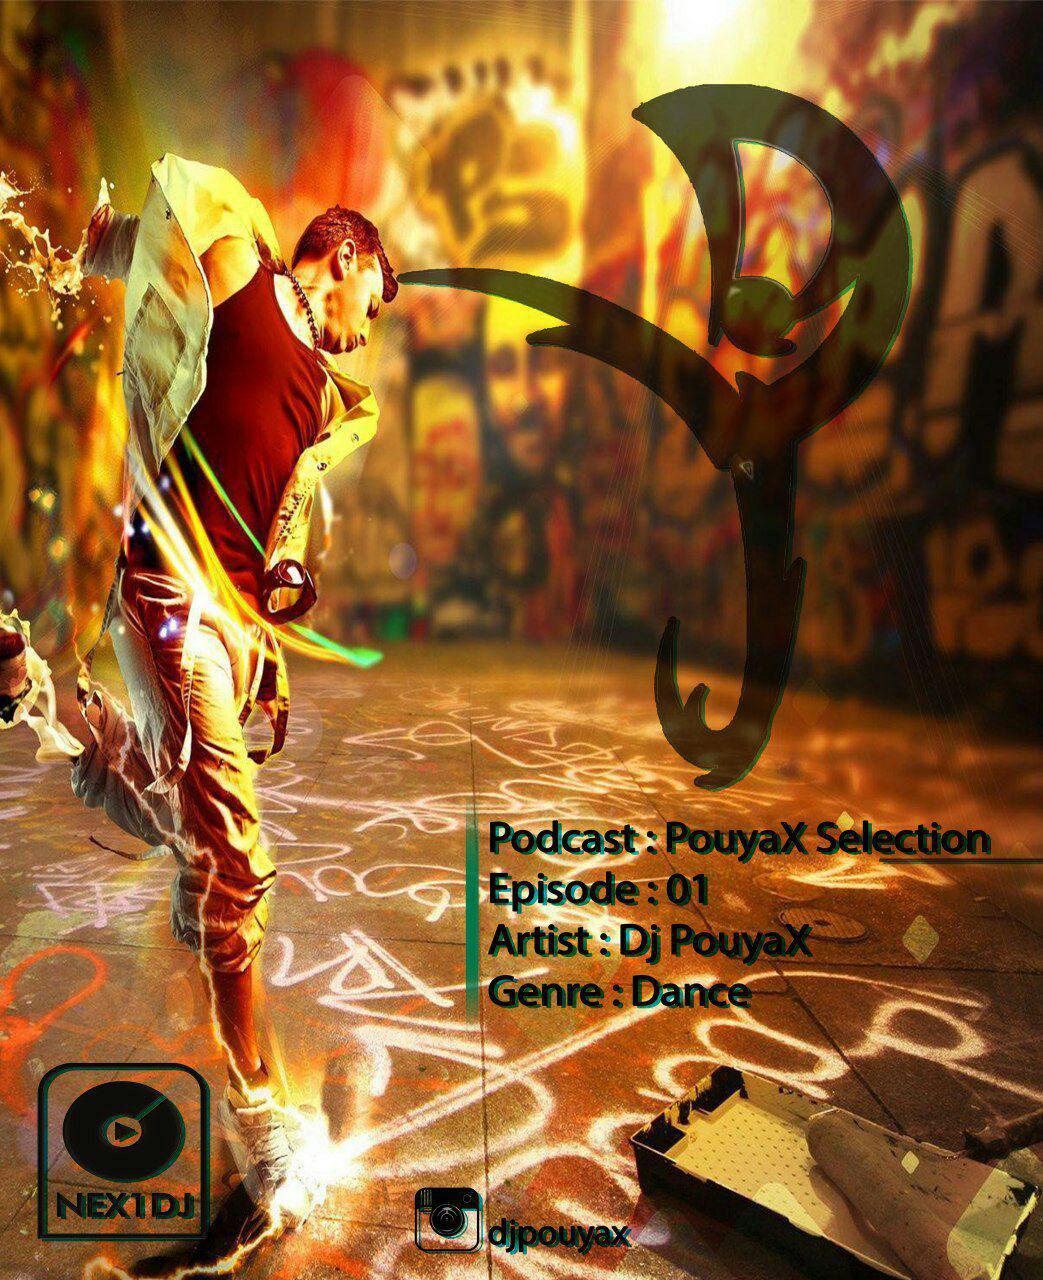 اولین پادکست موزیک برای رقص و مهمونی از DJ PouyaX